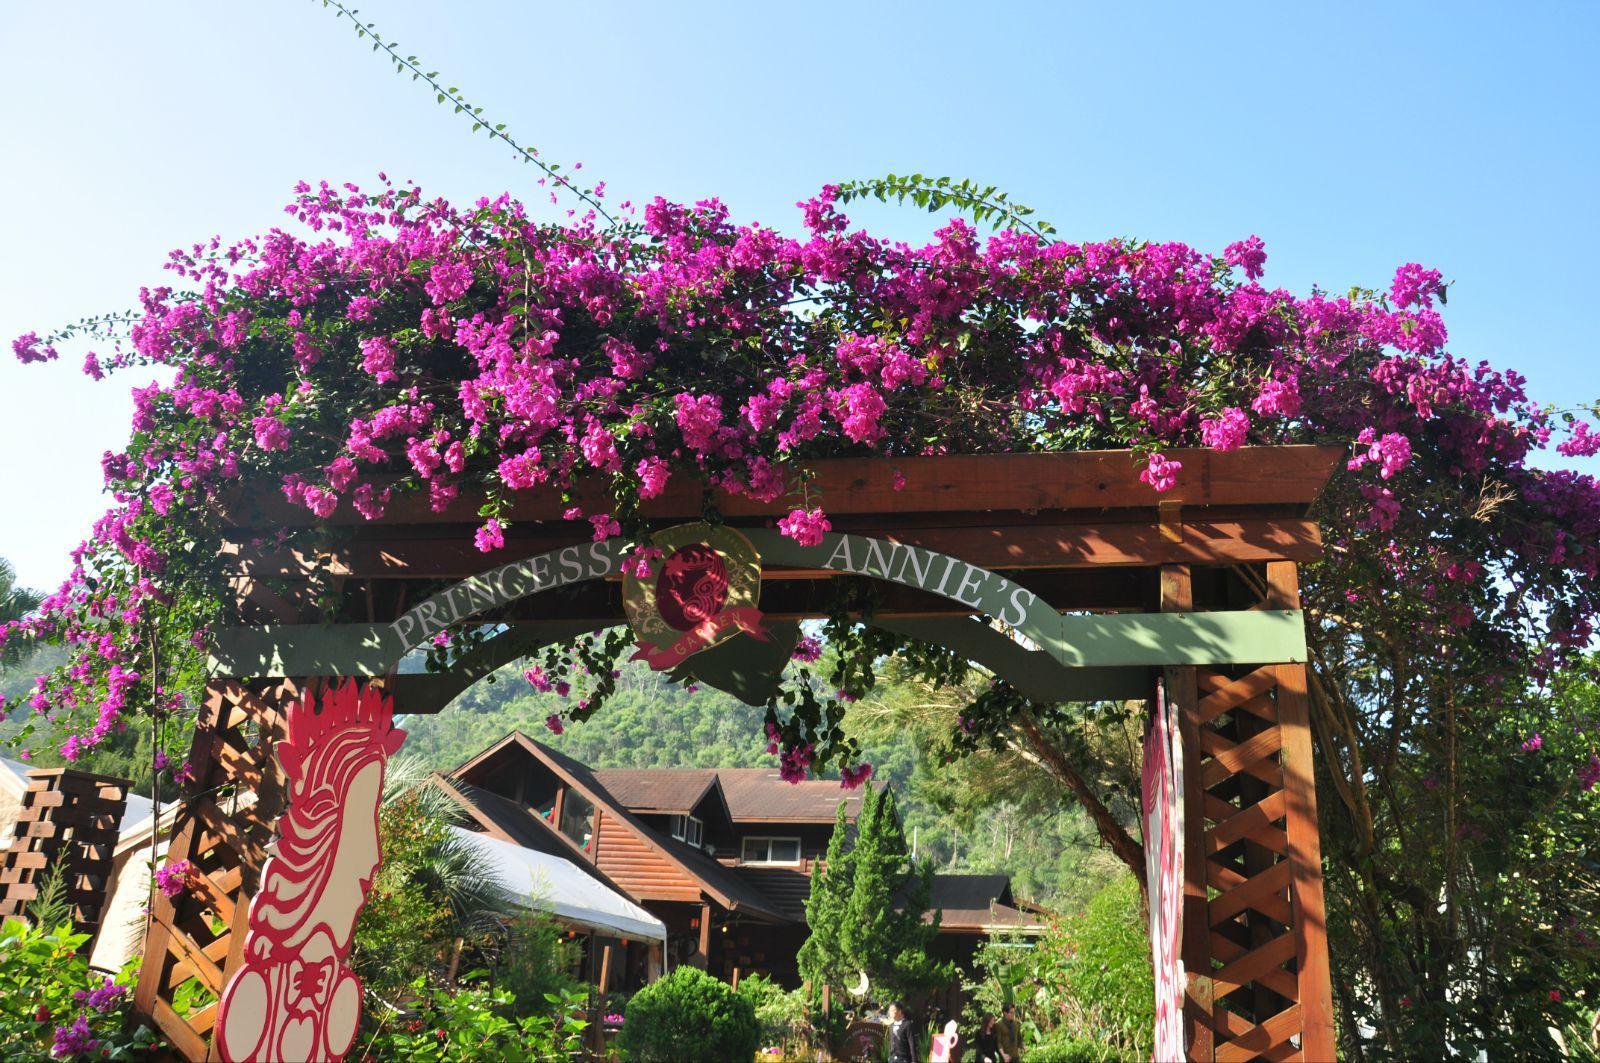 20 12:00 上海虹 薰衣草森林 古堡也是紫线上可以去的景点啦 古堡